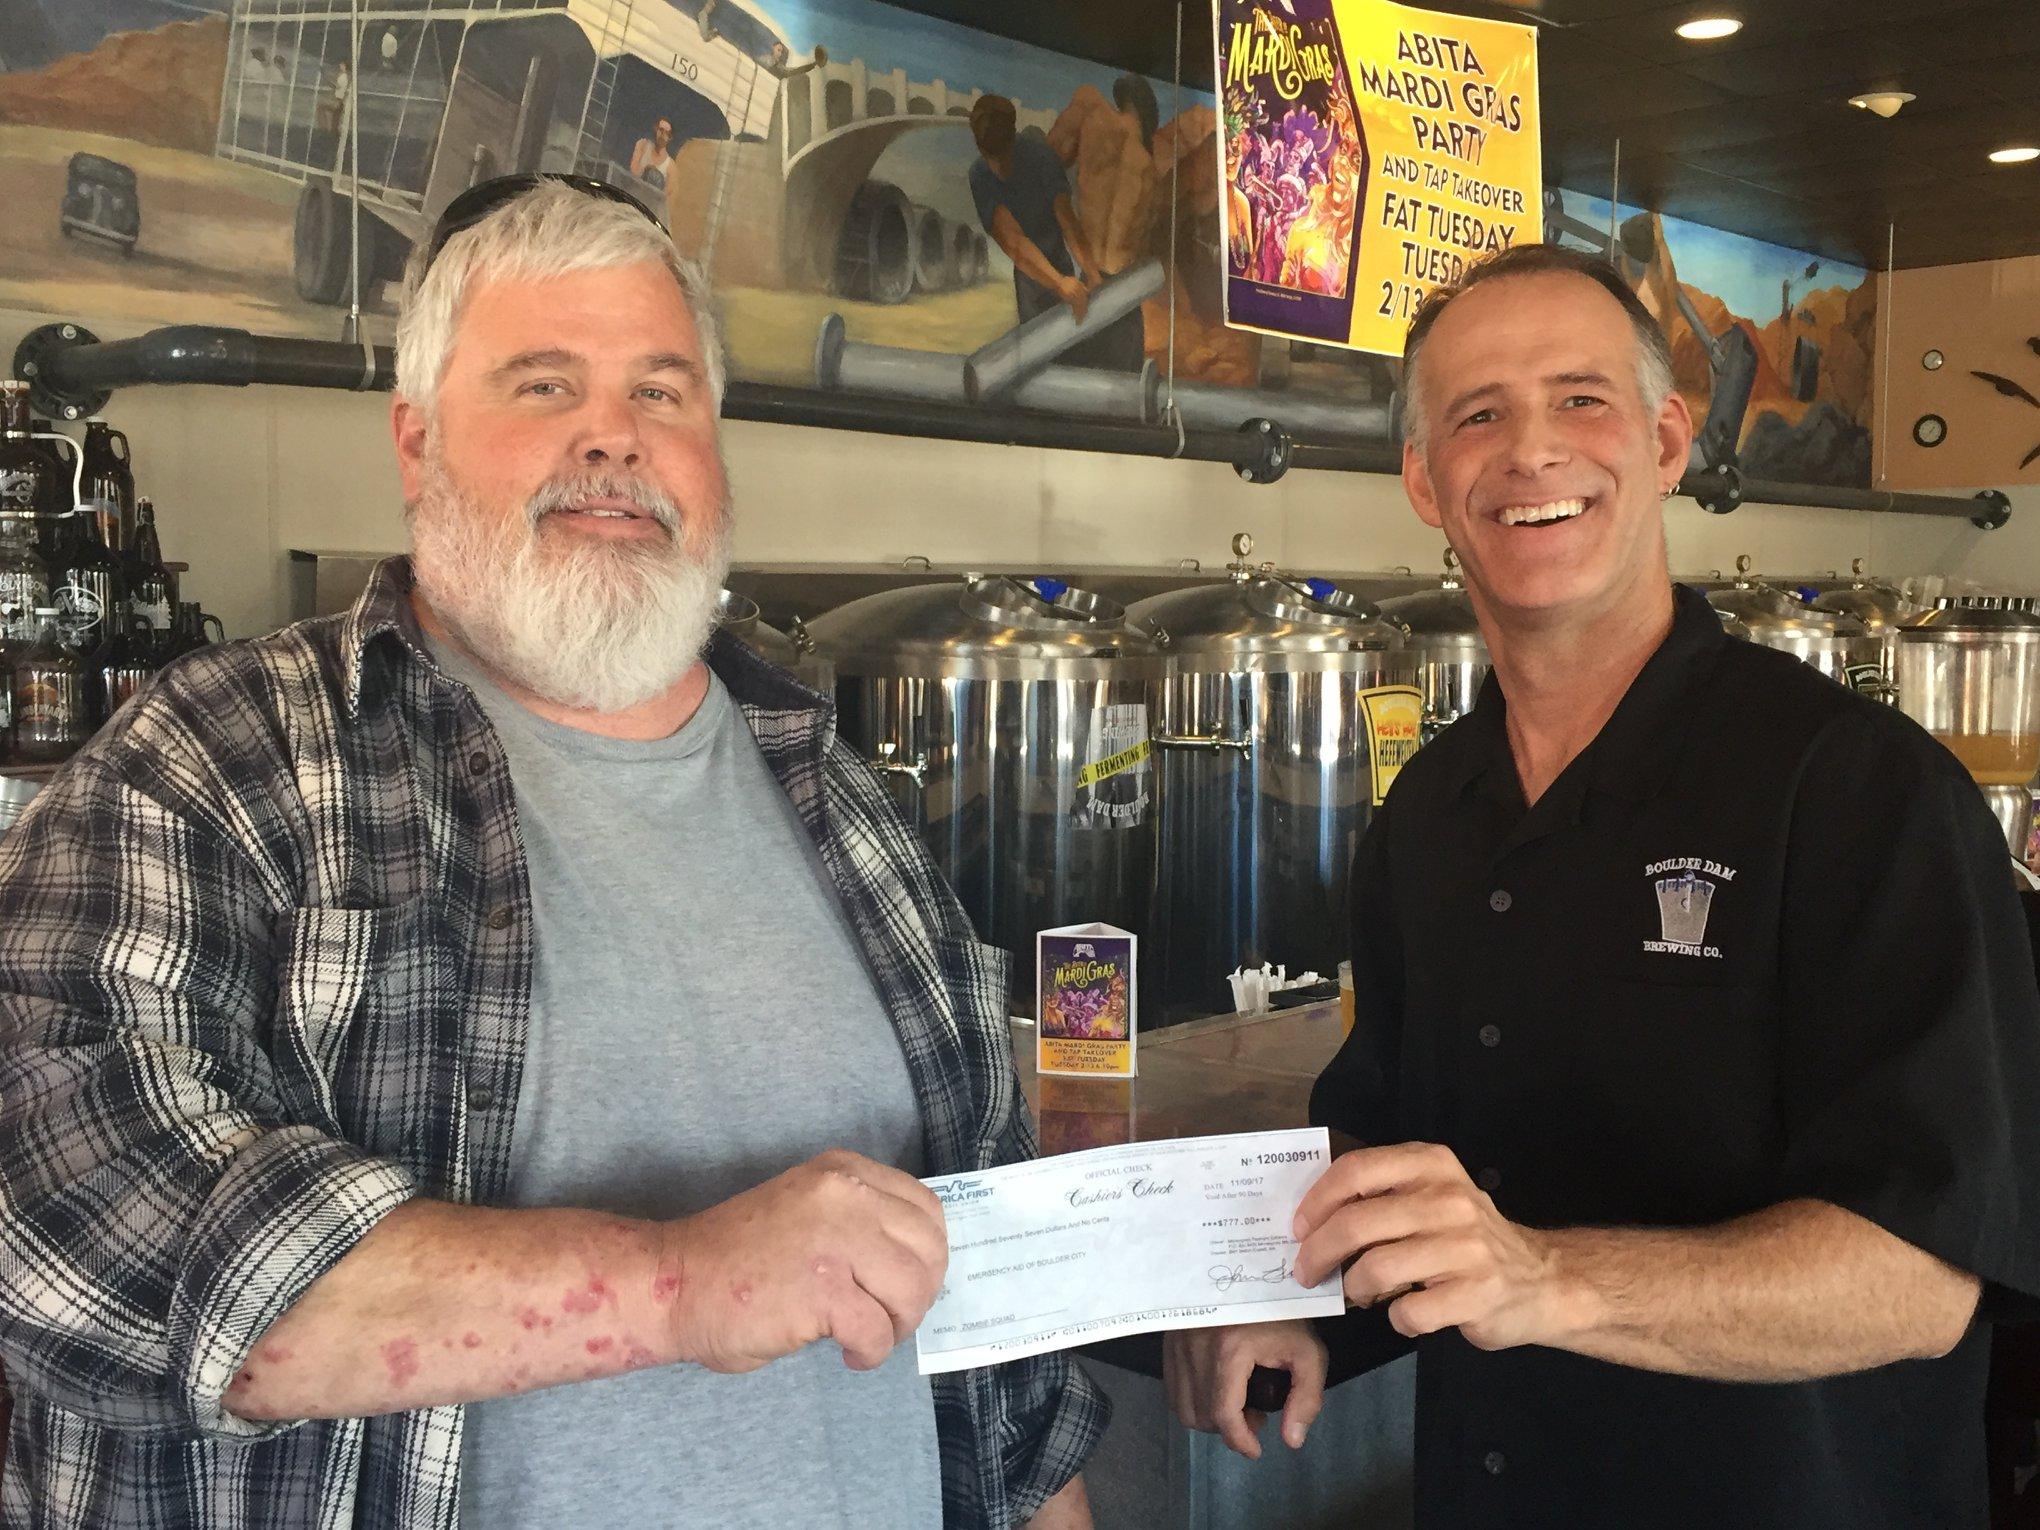 Boulder Dam Brewing Co. Awards, Boulder City, NV